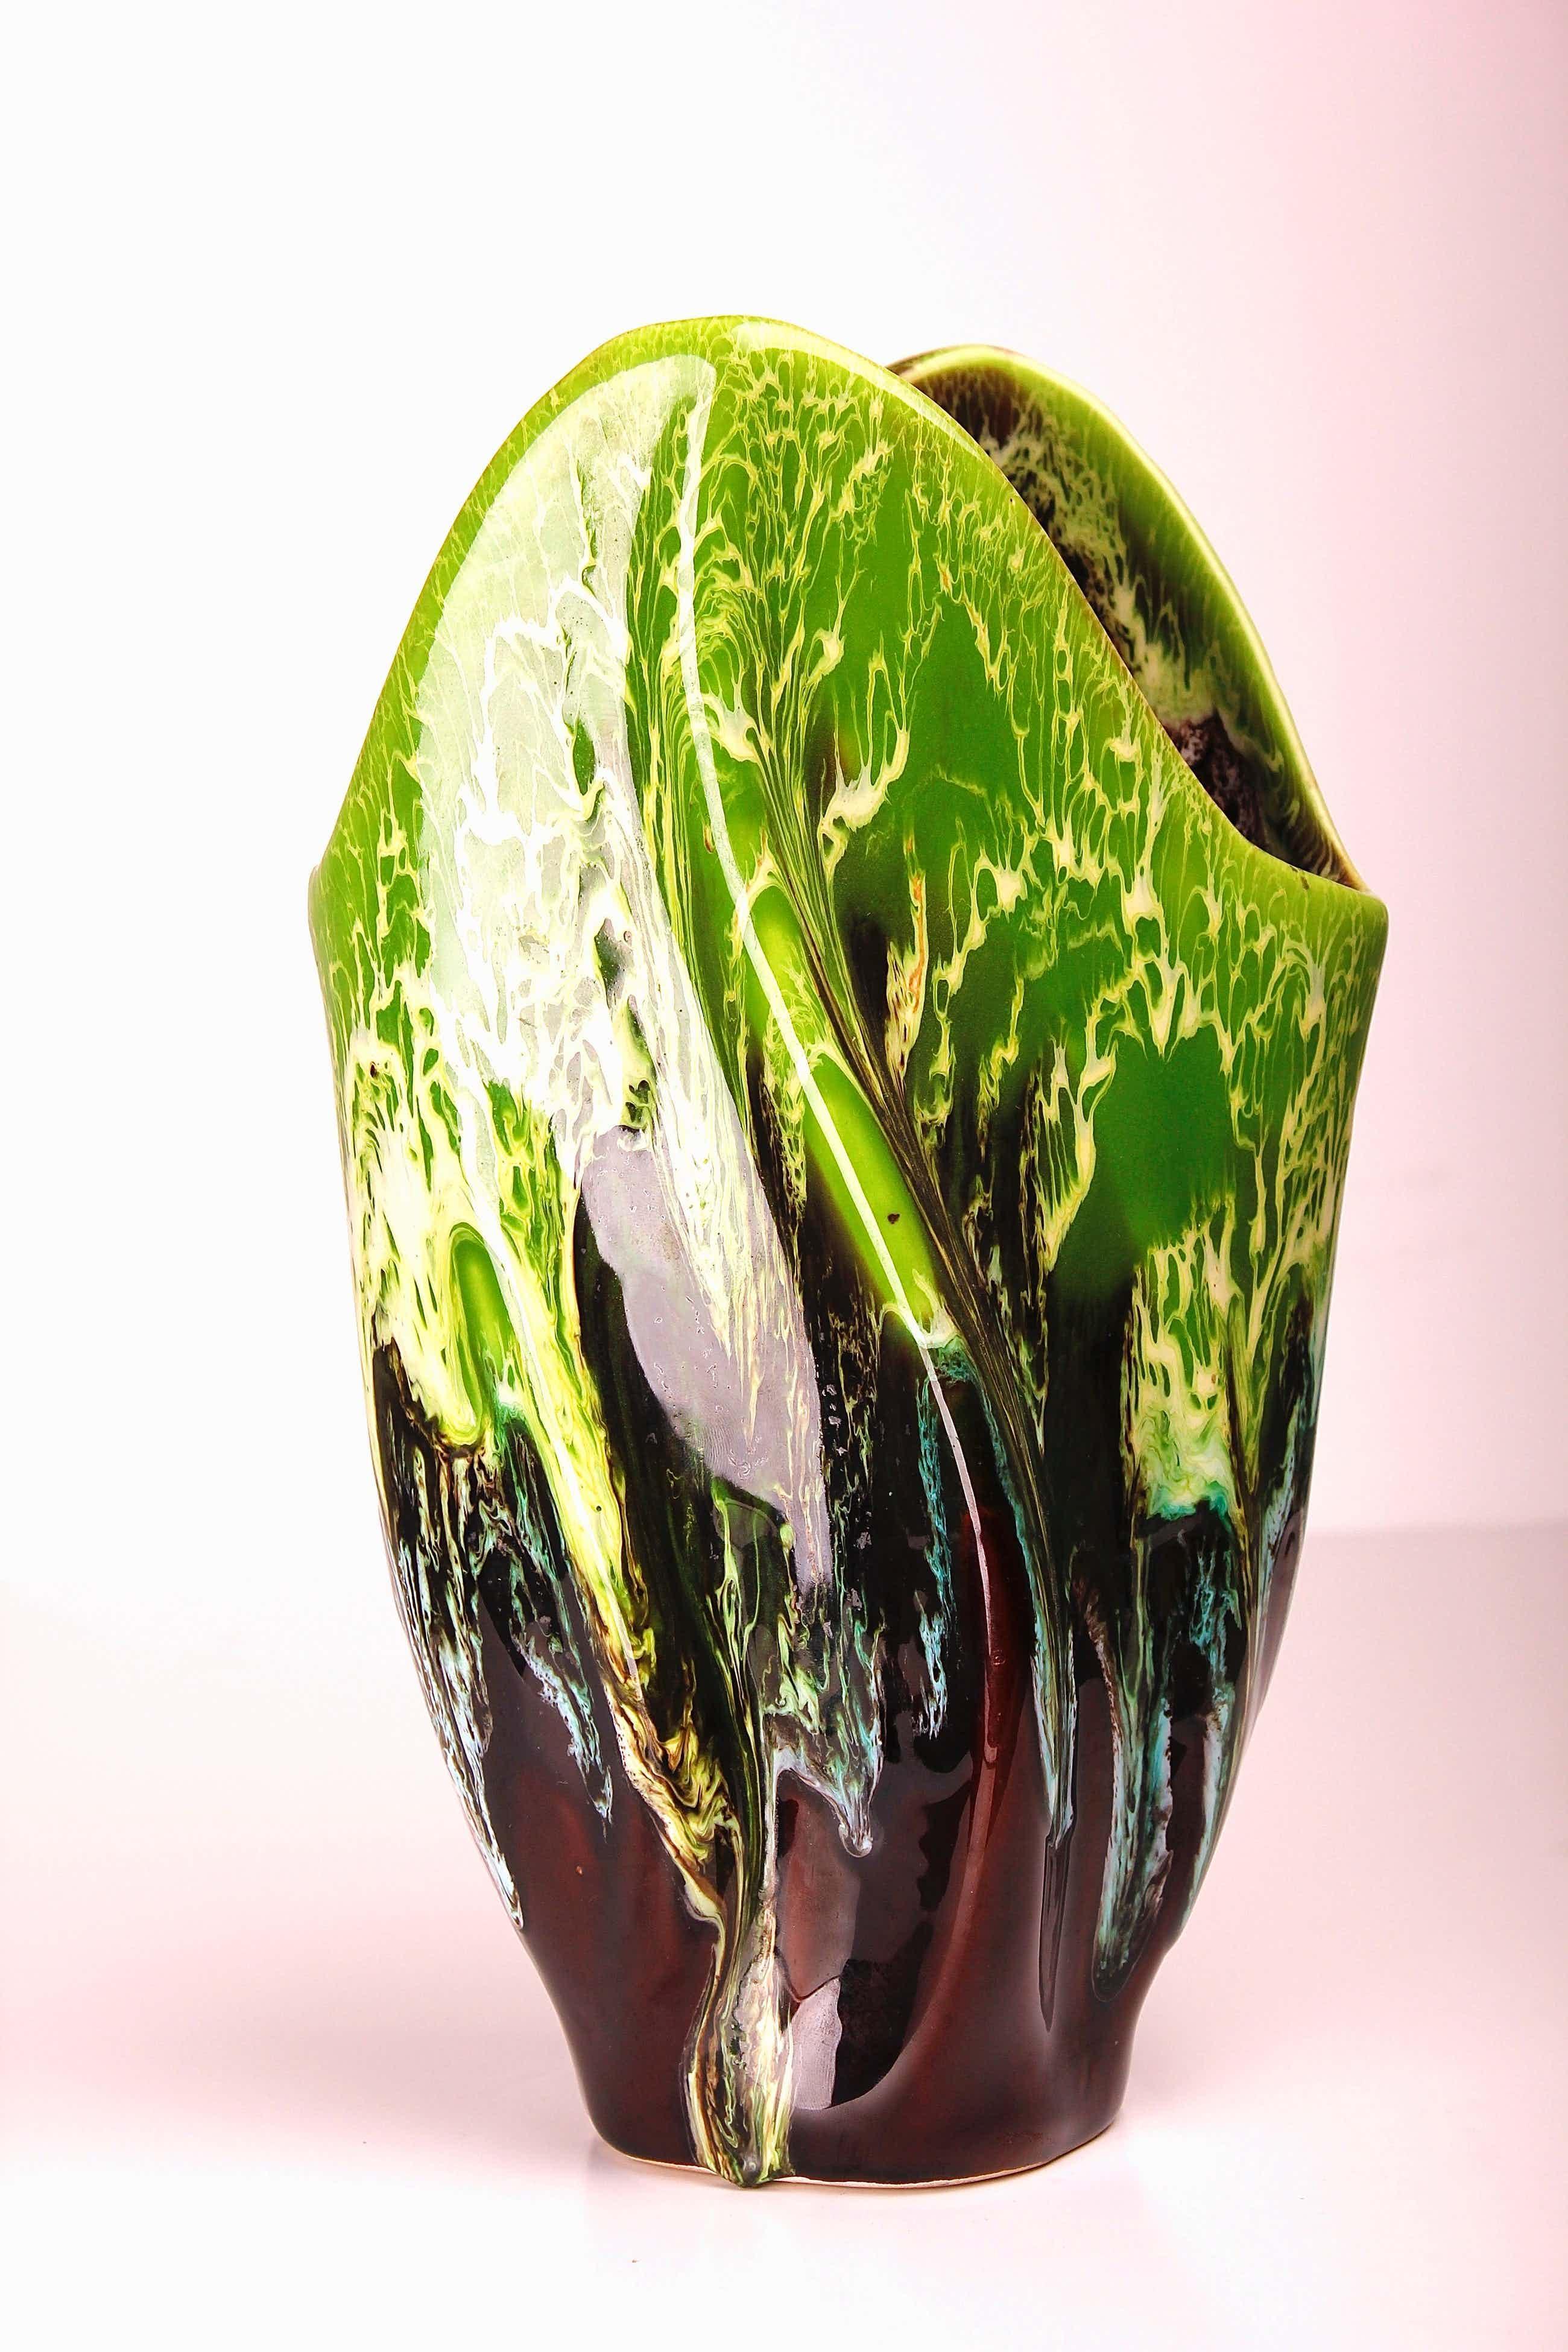 Vallauris Keramiek - Groen - bruine polychrome vaas met 'hand thrown' druipglazuur | 1960s kopen? Bied vanaf 29!